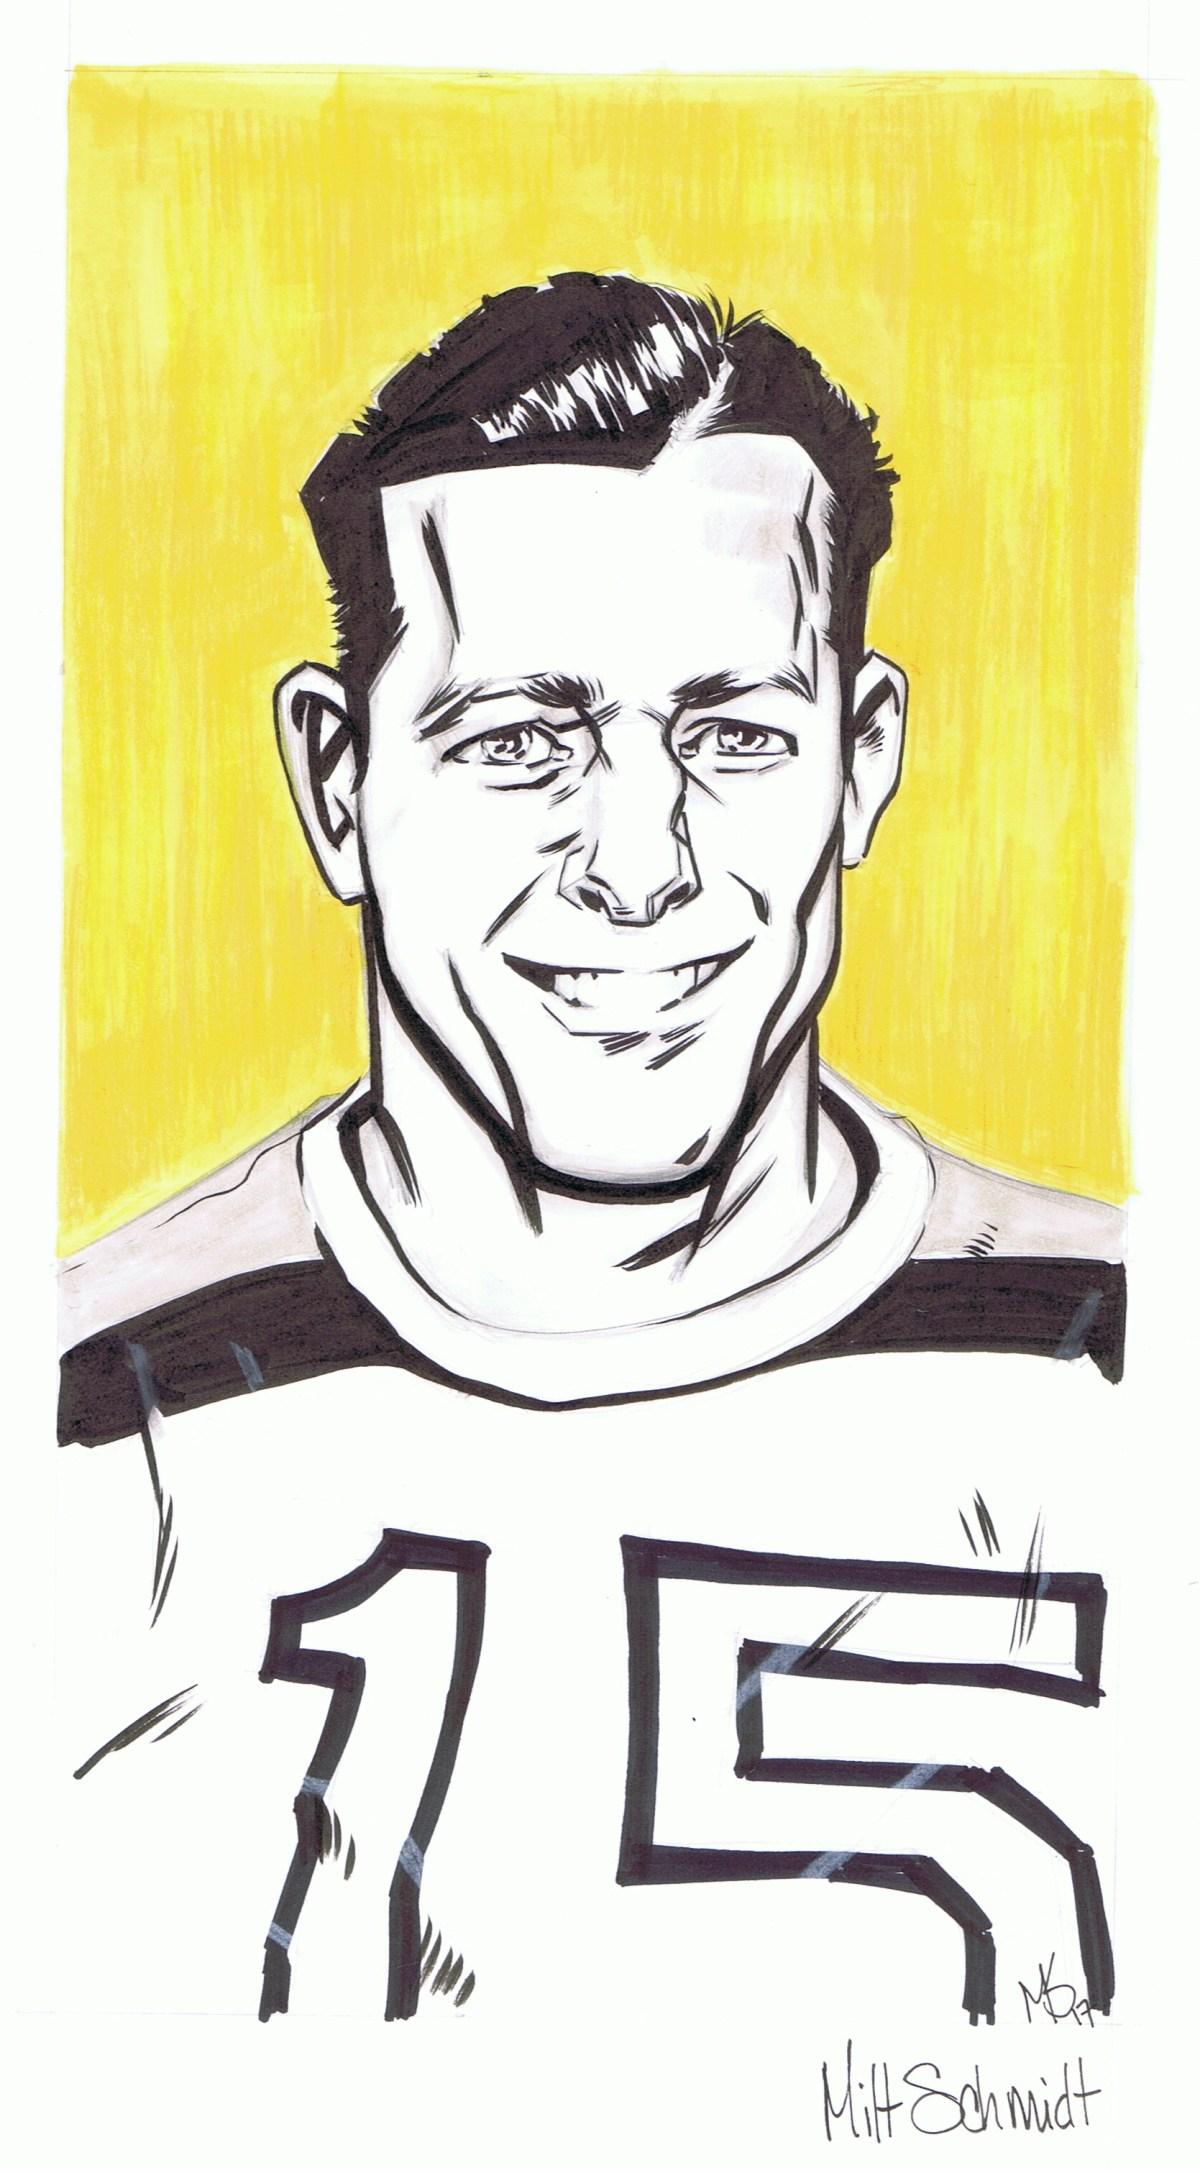 Milt Schmidt Drawing